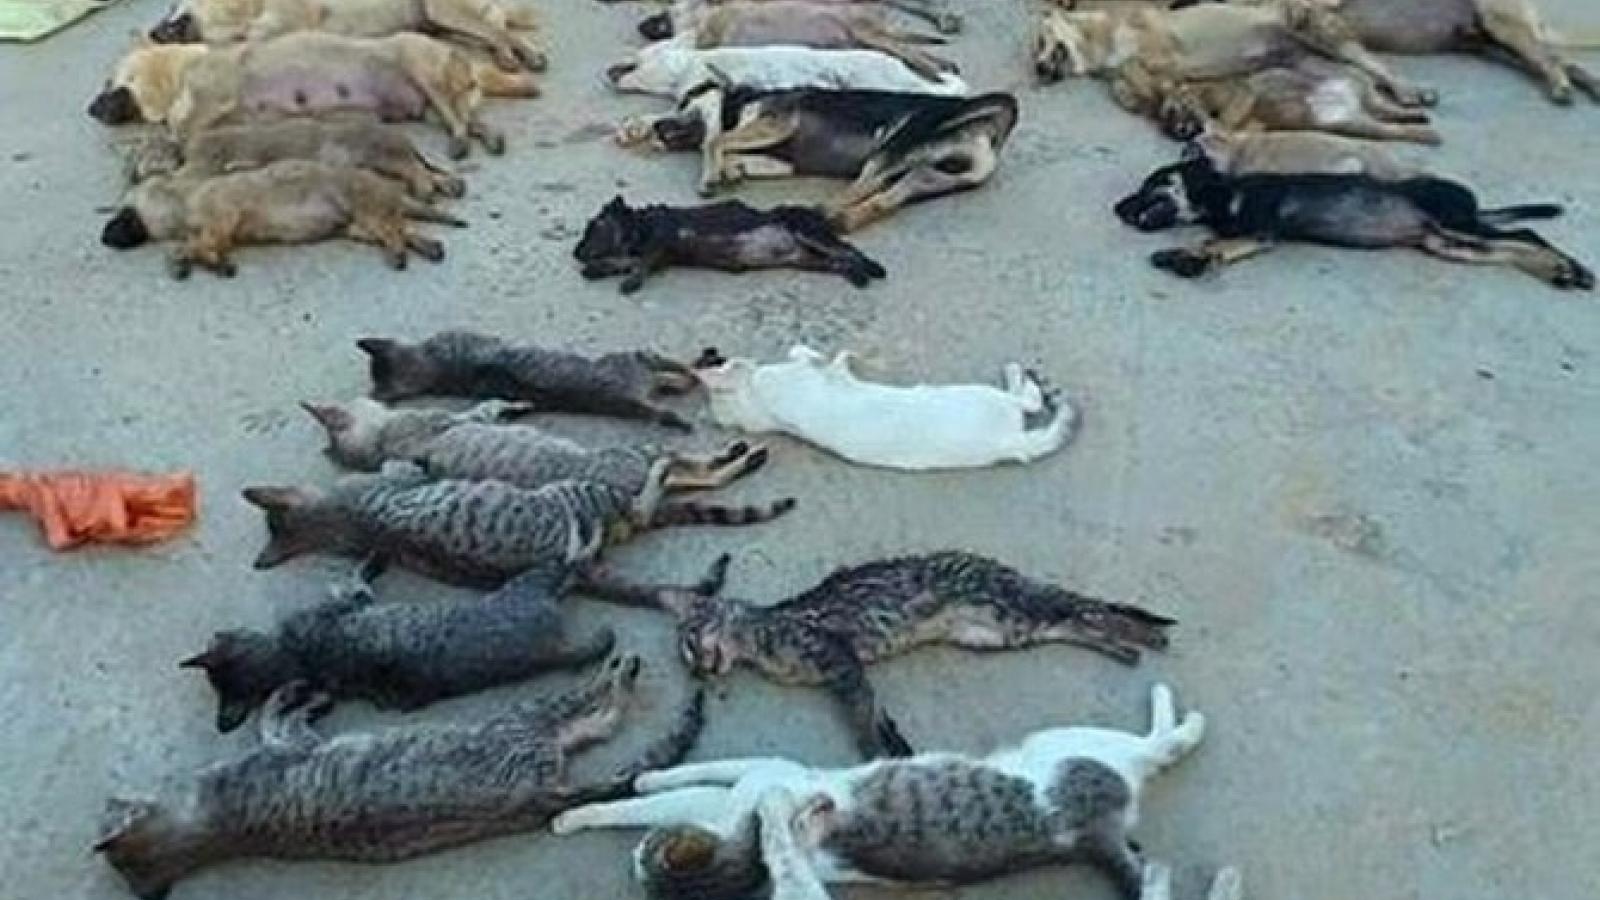 Thịt chó, mèo bị đánh bả bằng xyanua: Ăn có nguy hiểm?